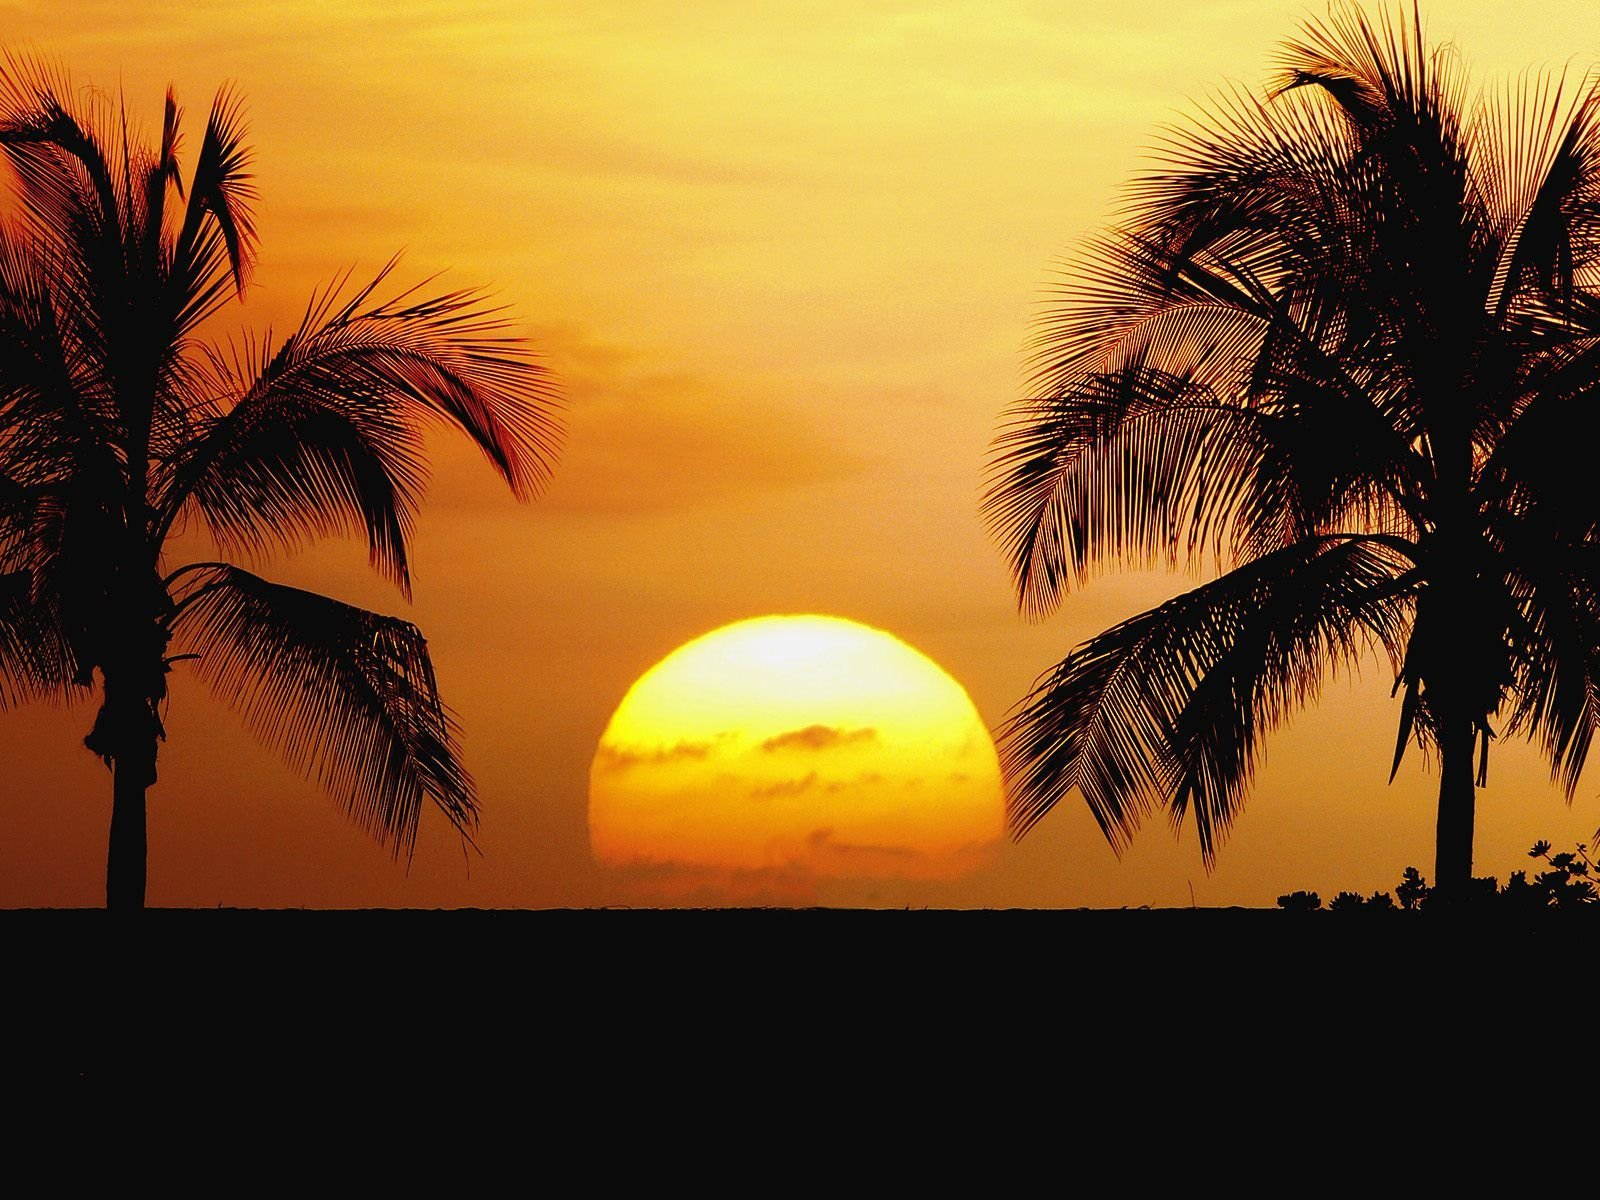 Hawaiian Beach Sunset Wallpaper Background: Sunset Hawaii Beach Wallpapers